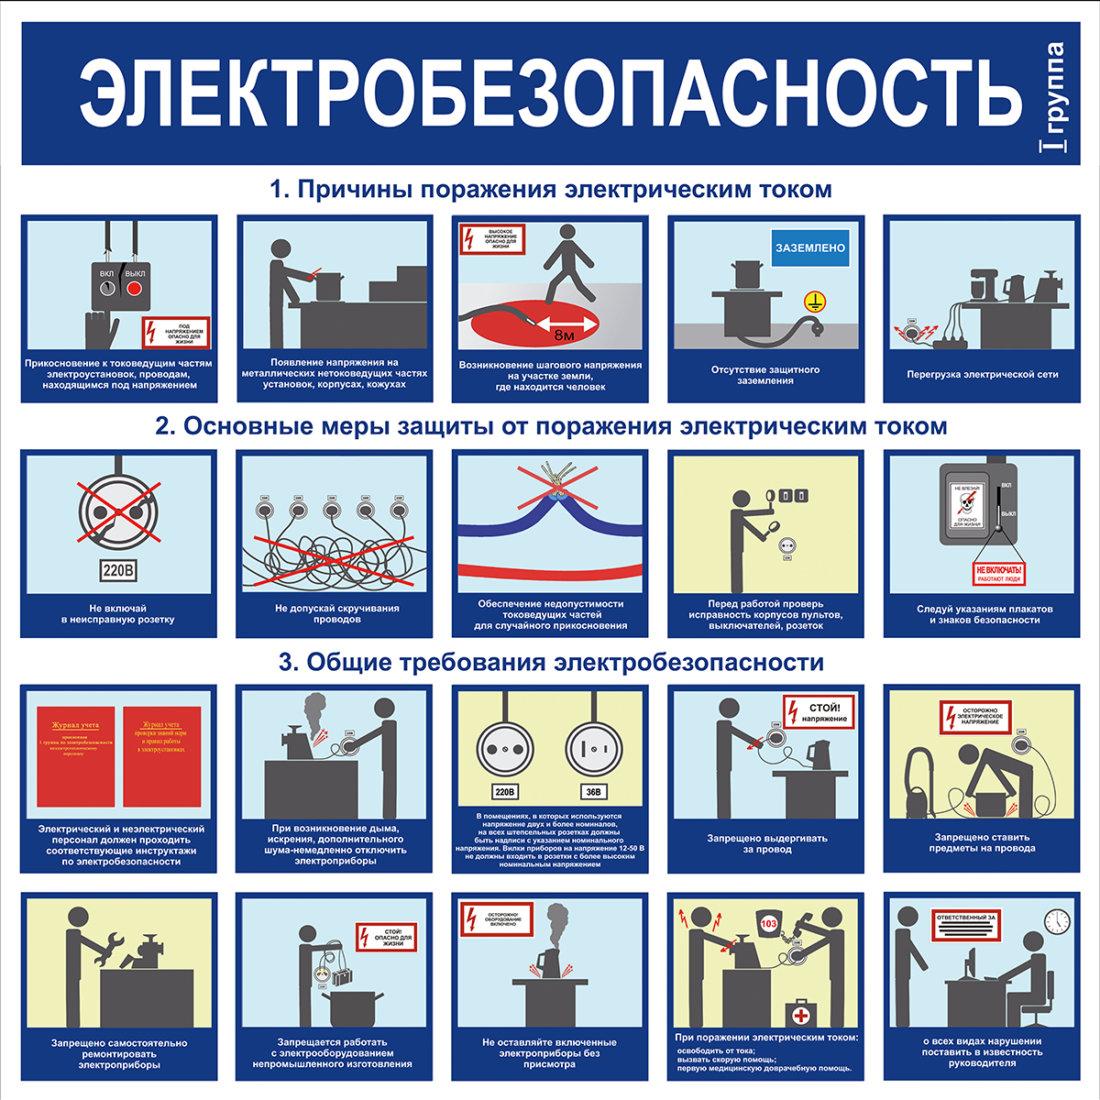 Периодичность инструктажа по электробезопасности